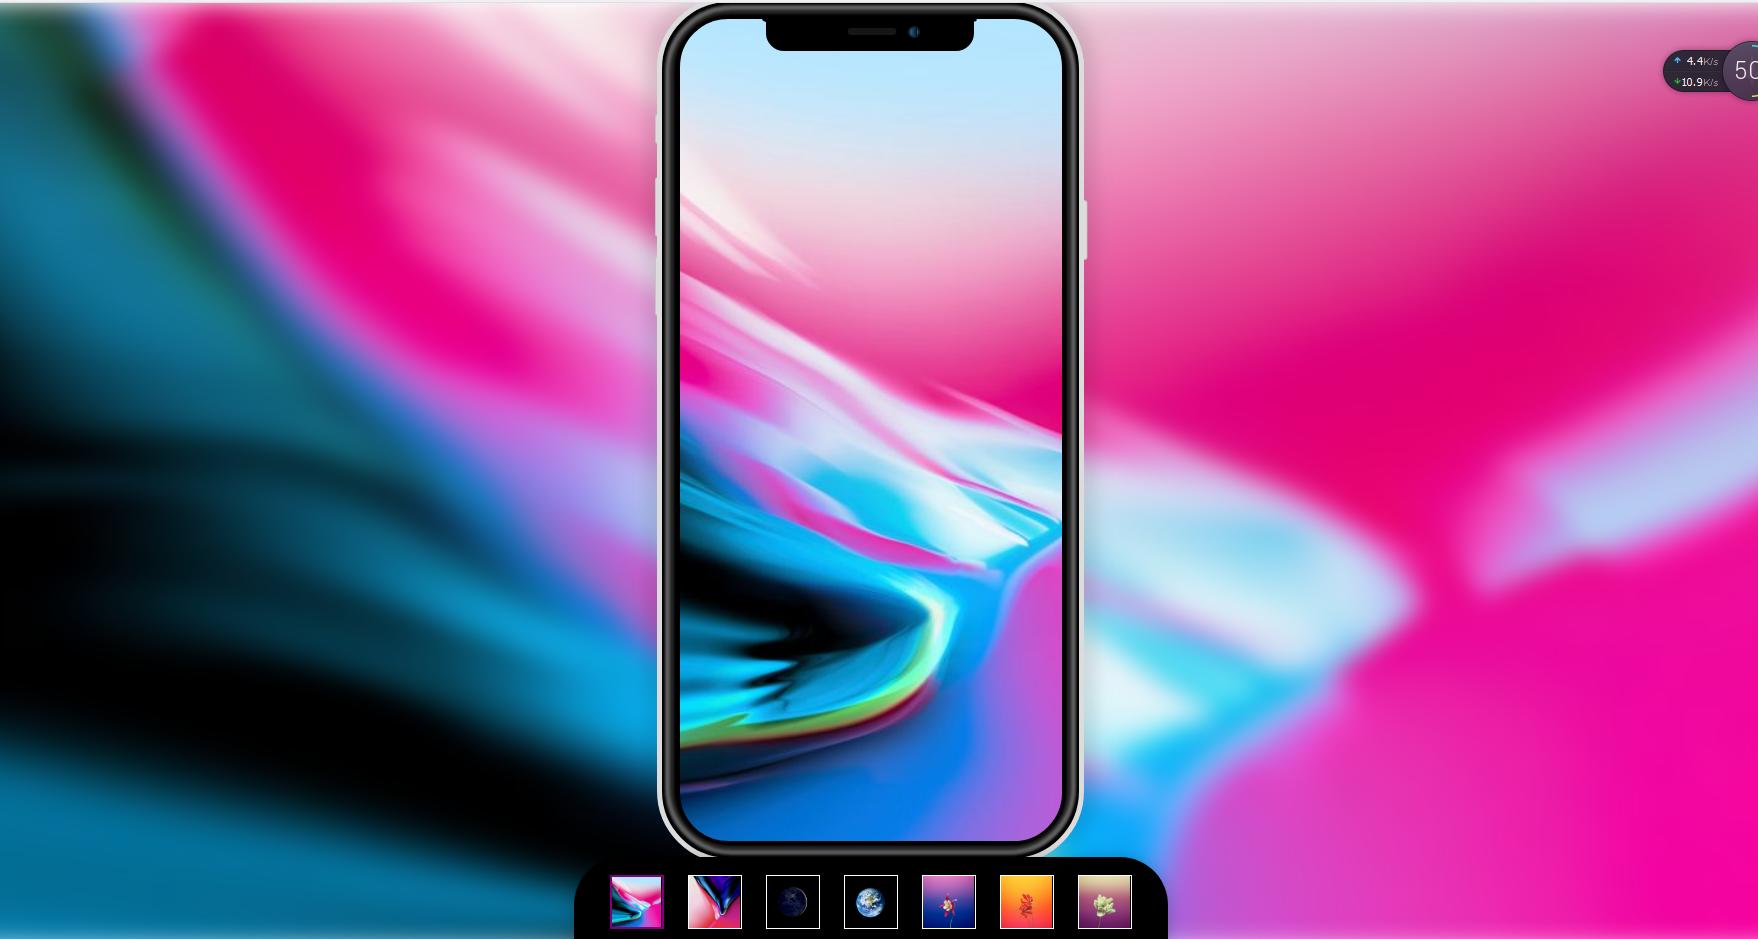 CSS3 做出iPhoneX手机屏幕背景和页面背景图片同时切换特效